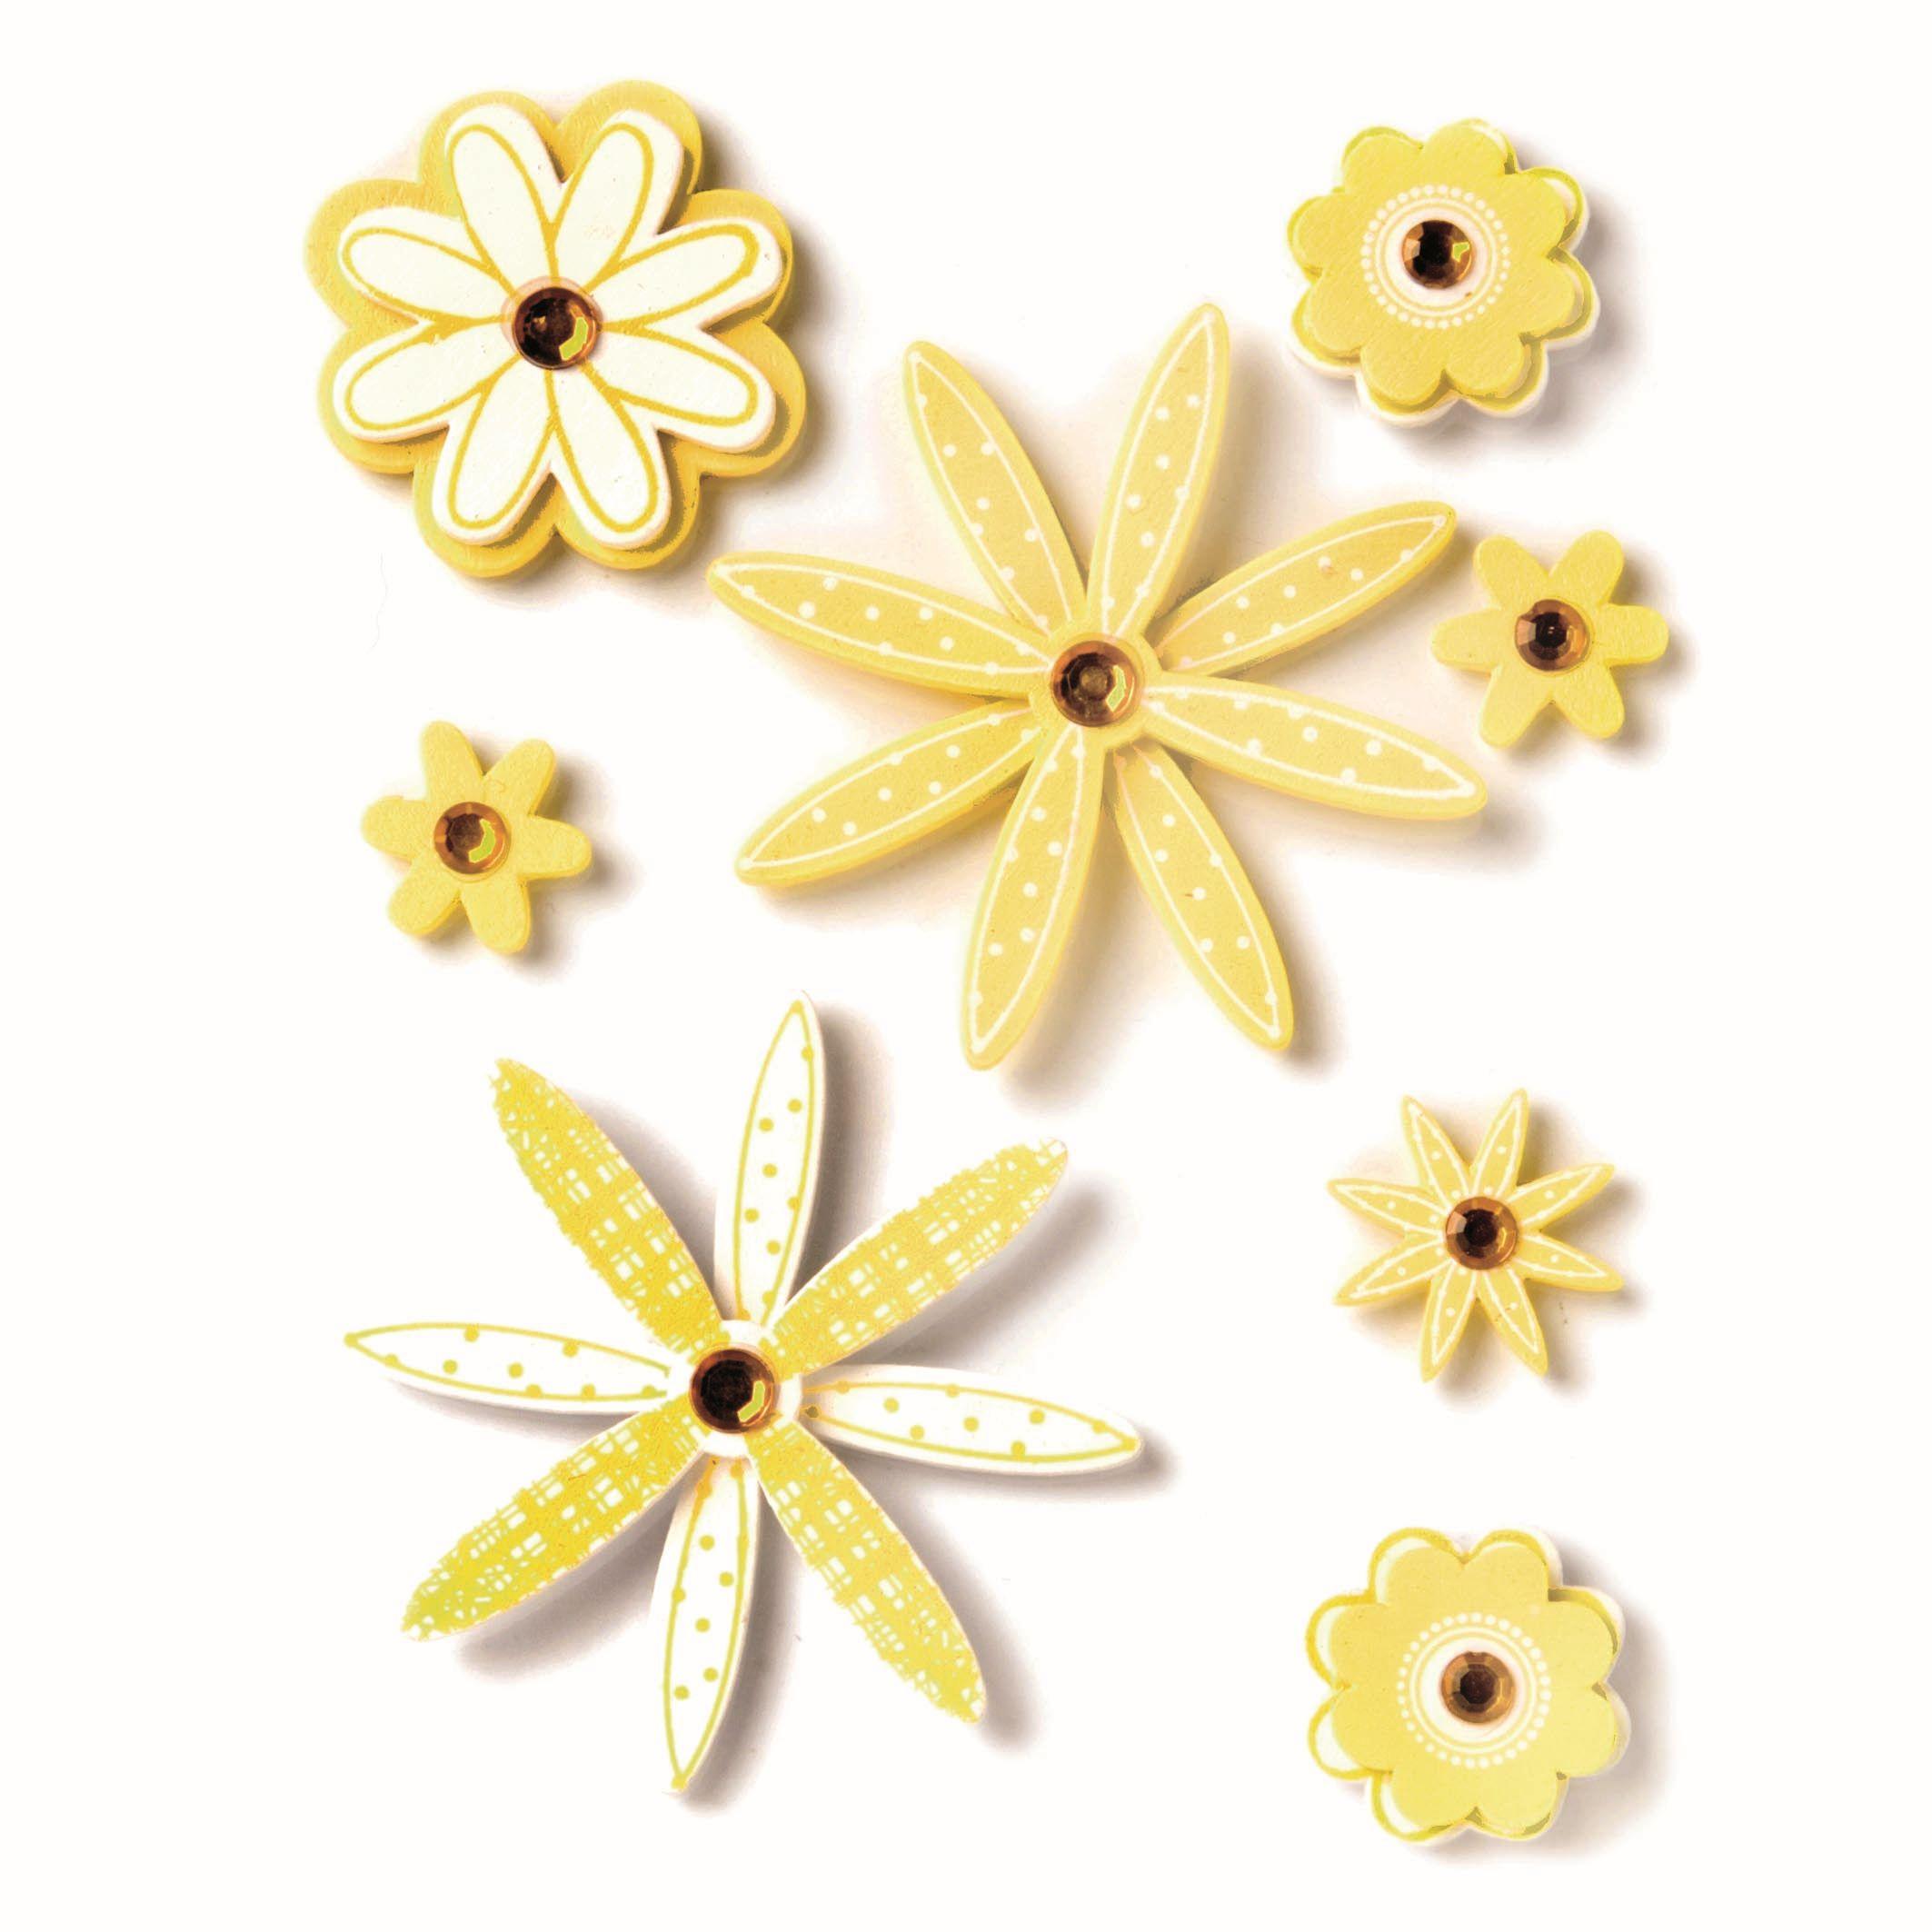 61710028 Фигурки из дерева Цветок 8шт желтый Glorex